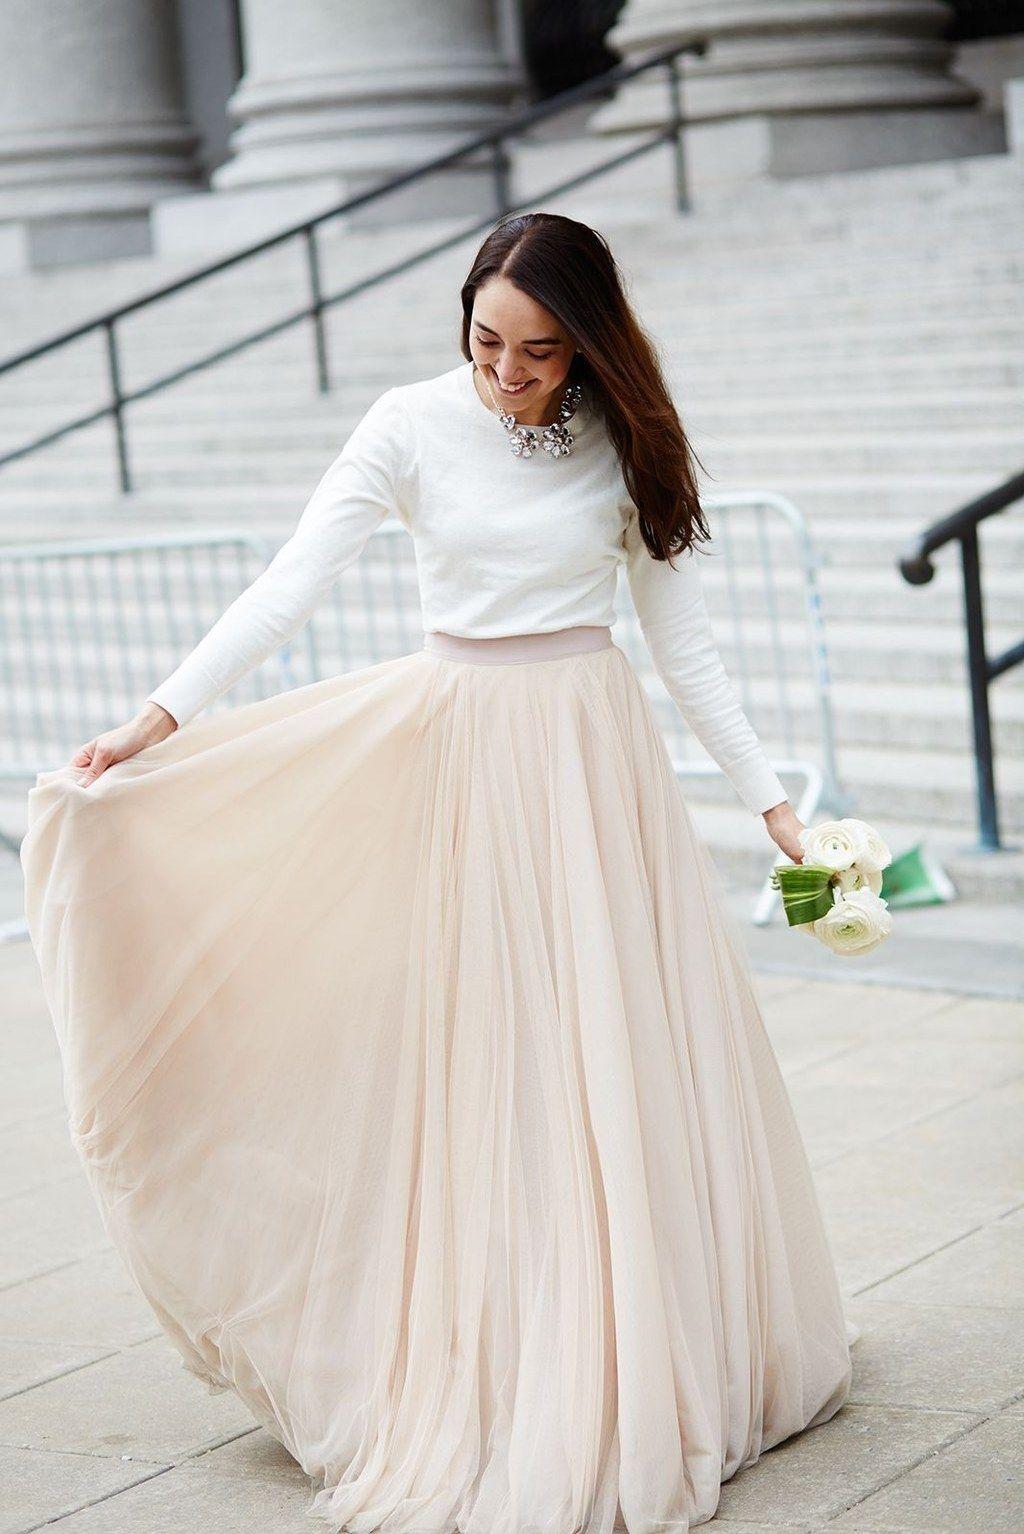 wunderschöne ideen für moderne hochzeitskleider dress ideas